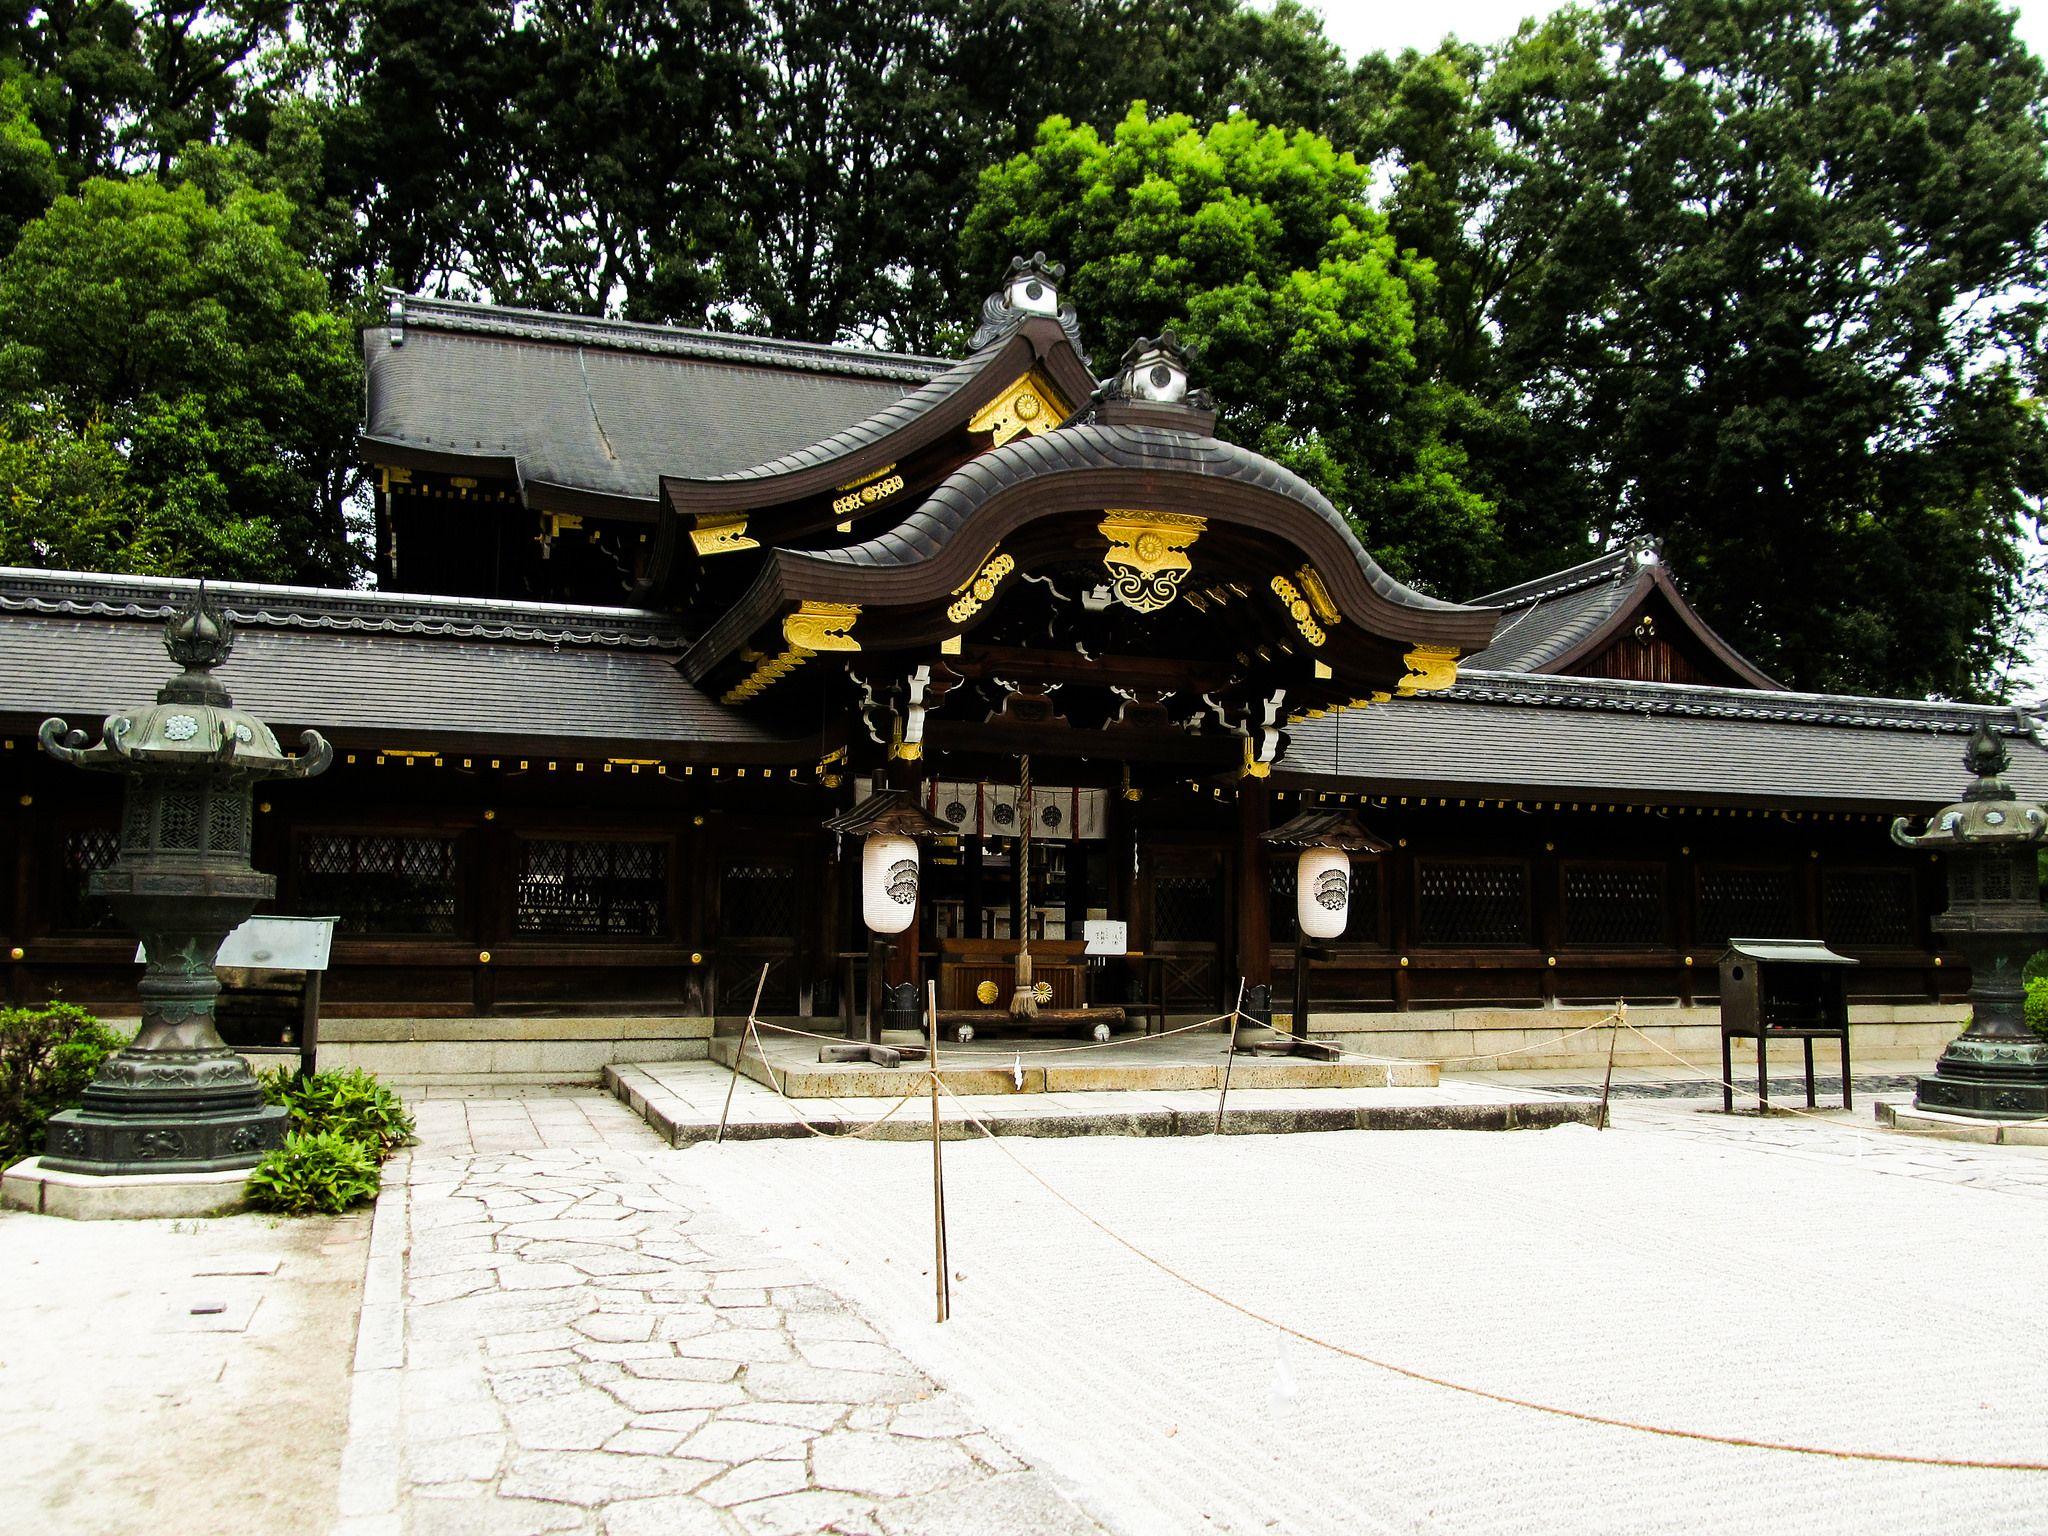 https://flic.kr/p/yJCpsc | Imamiya-shrine-1